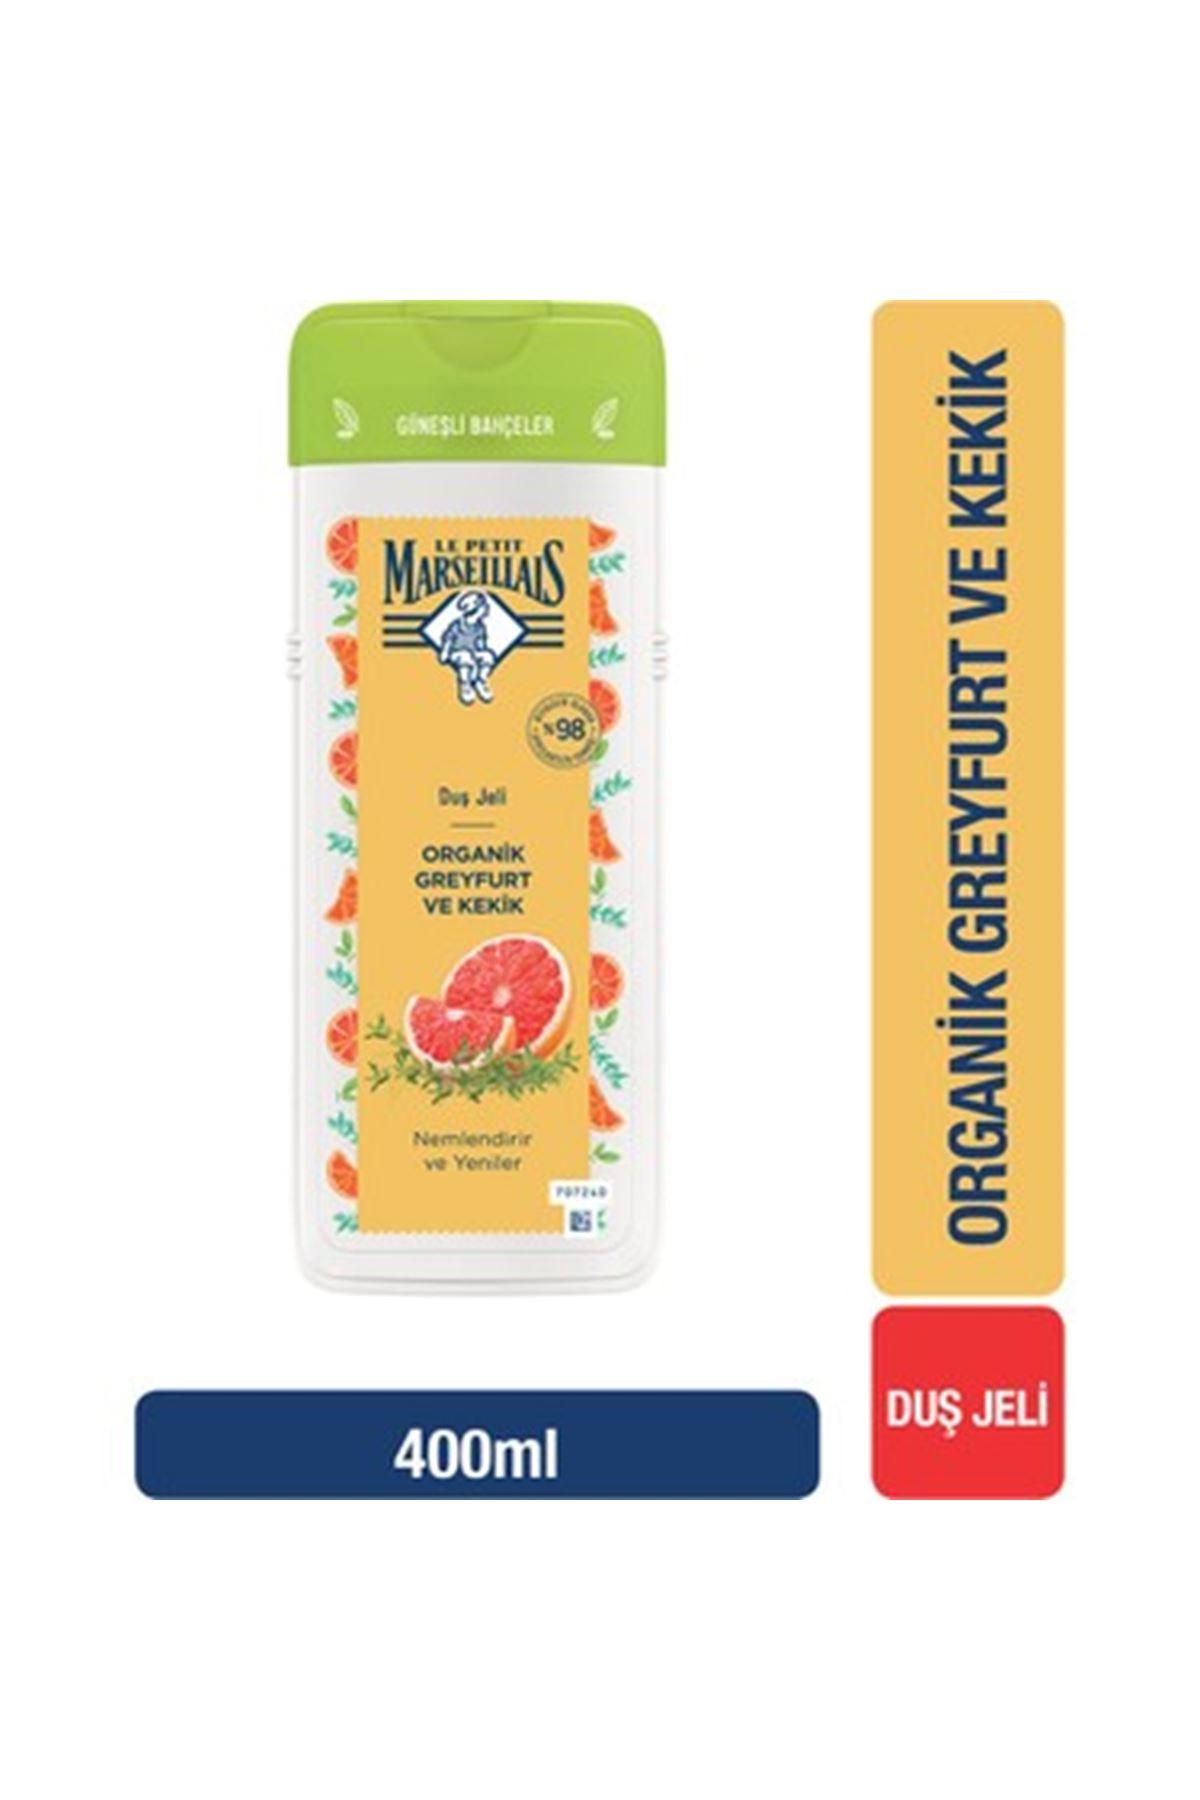 Le Petit Marseillais Organik Greyfurt ve Kekik Duş Jeli 400 ml